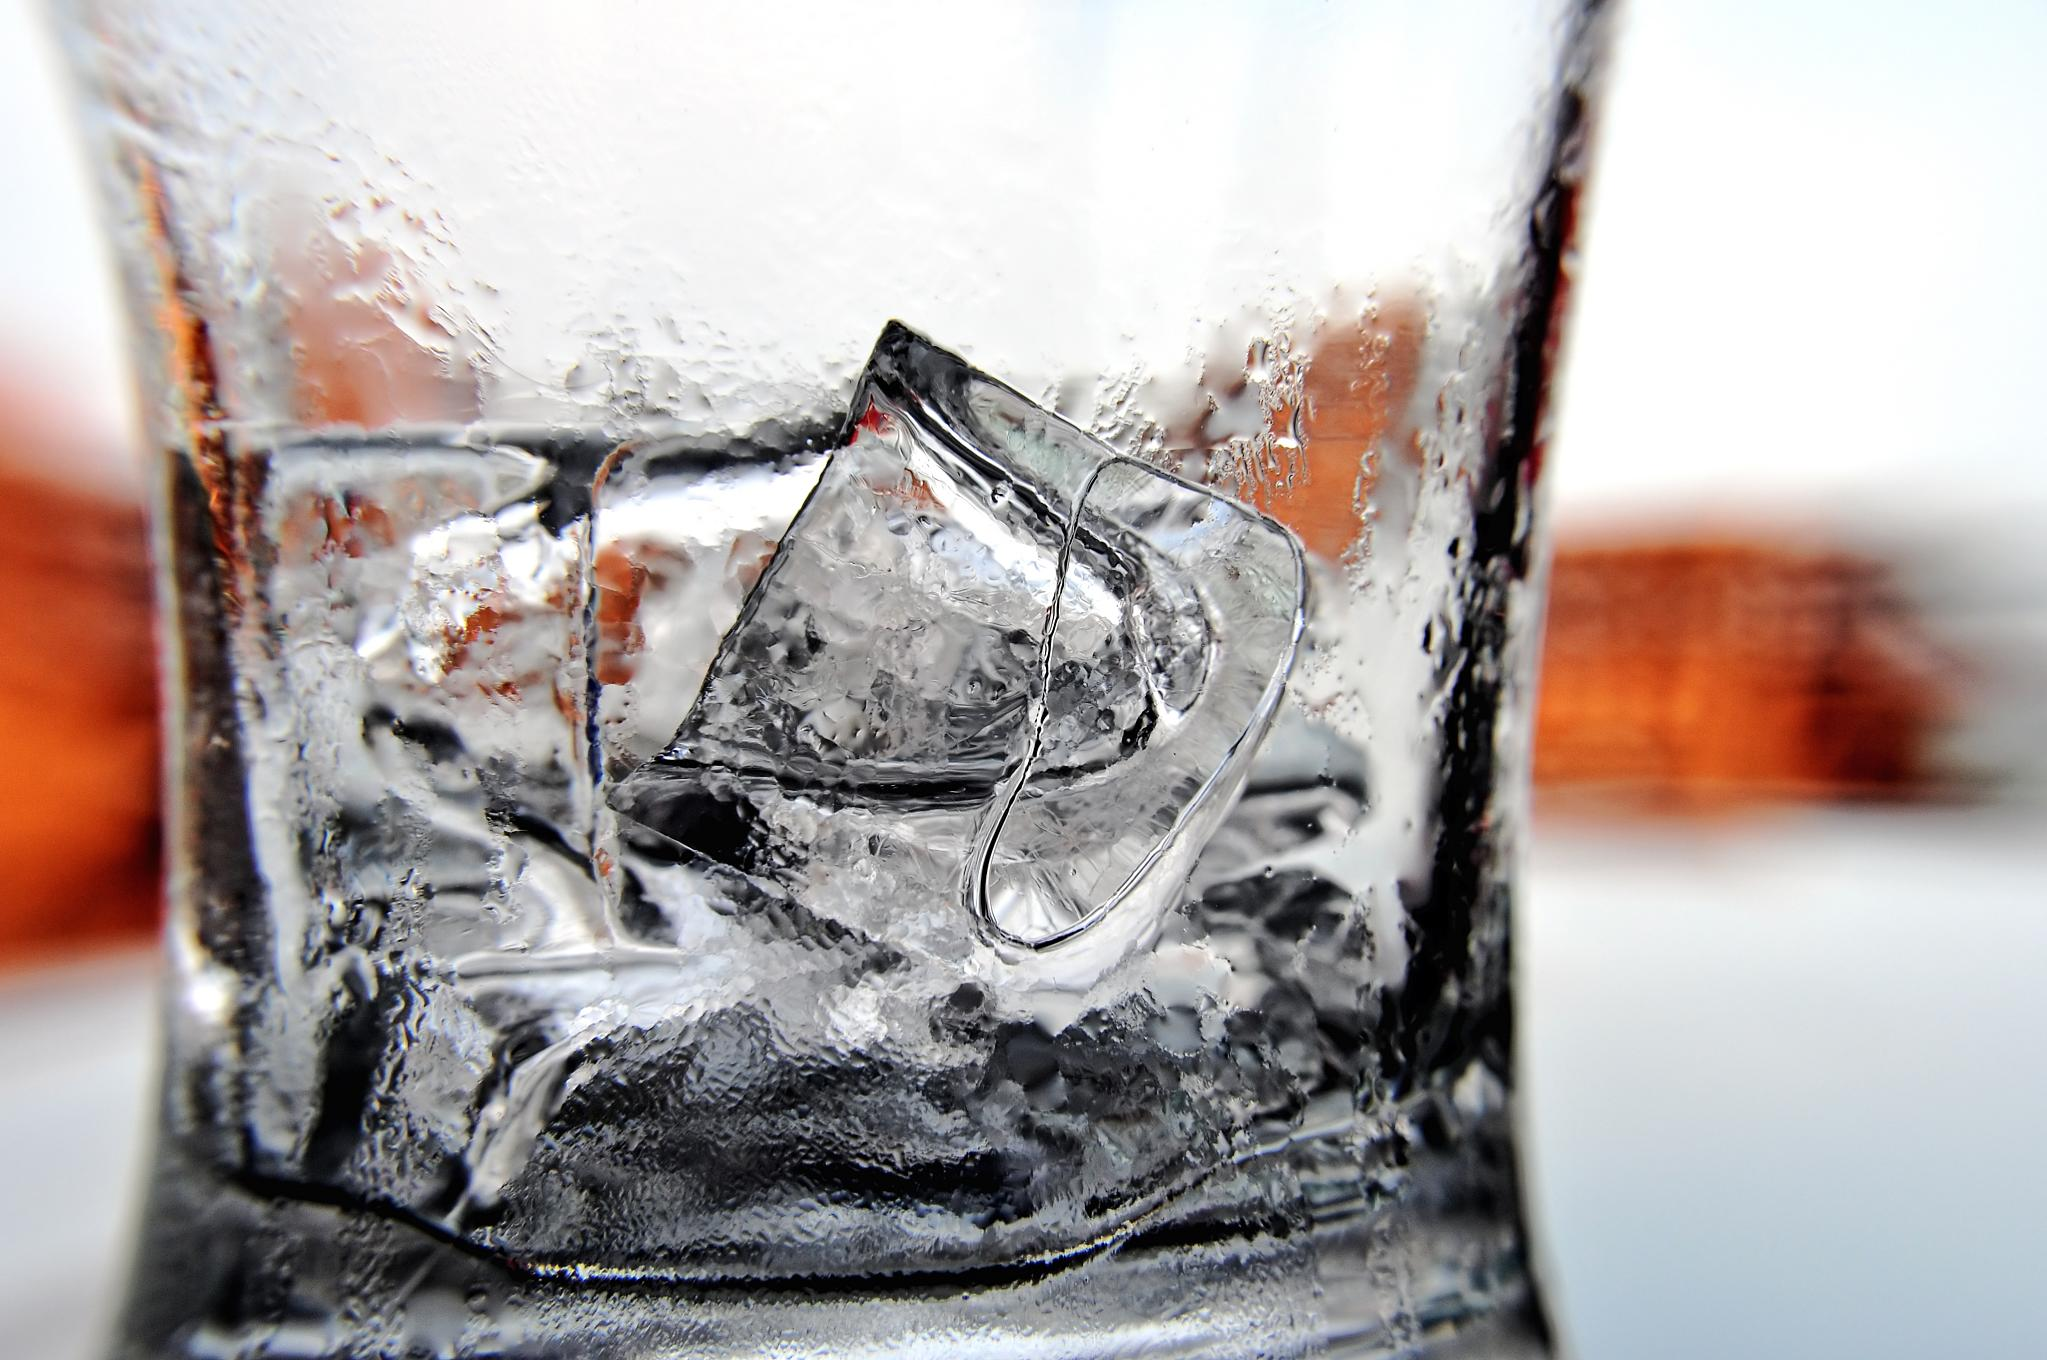 icemaker repair in mckinney texas.jpg